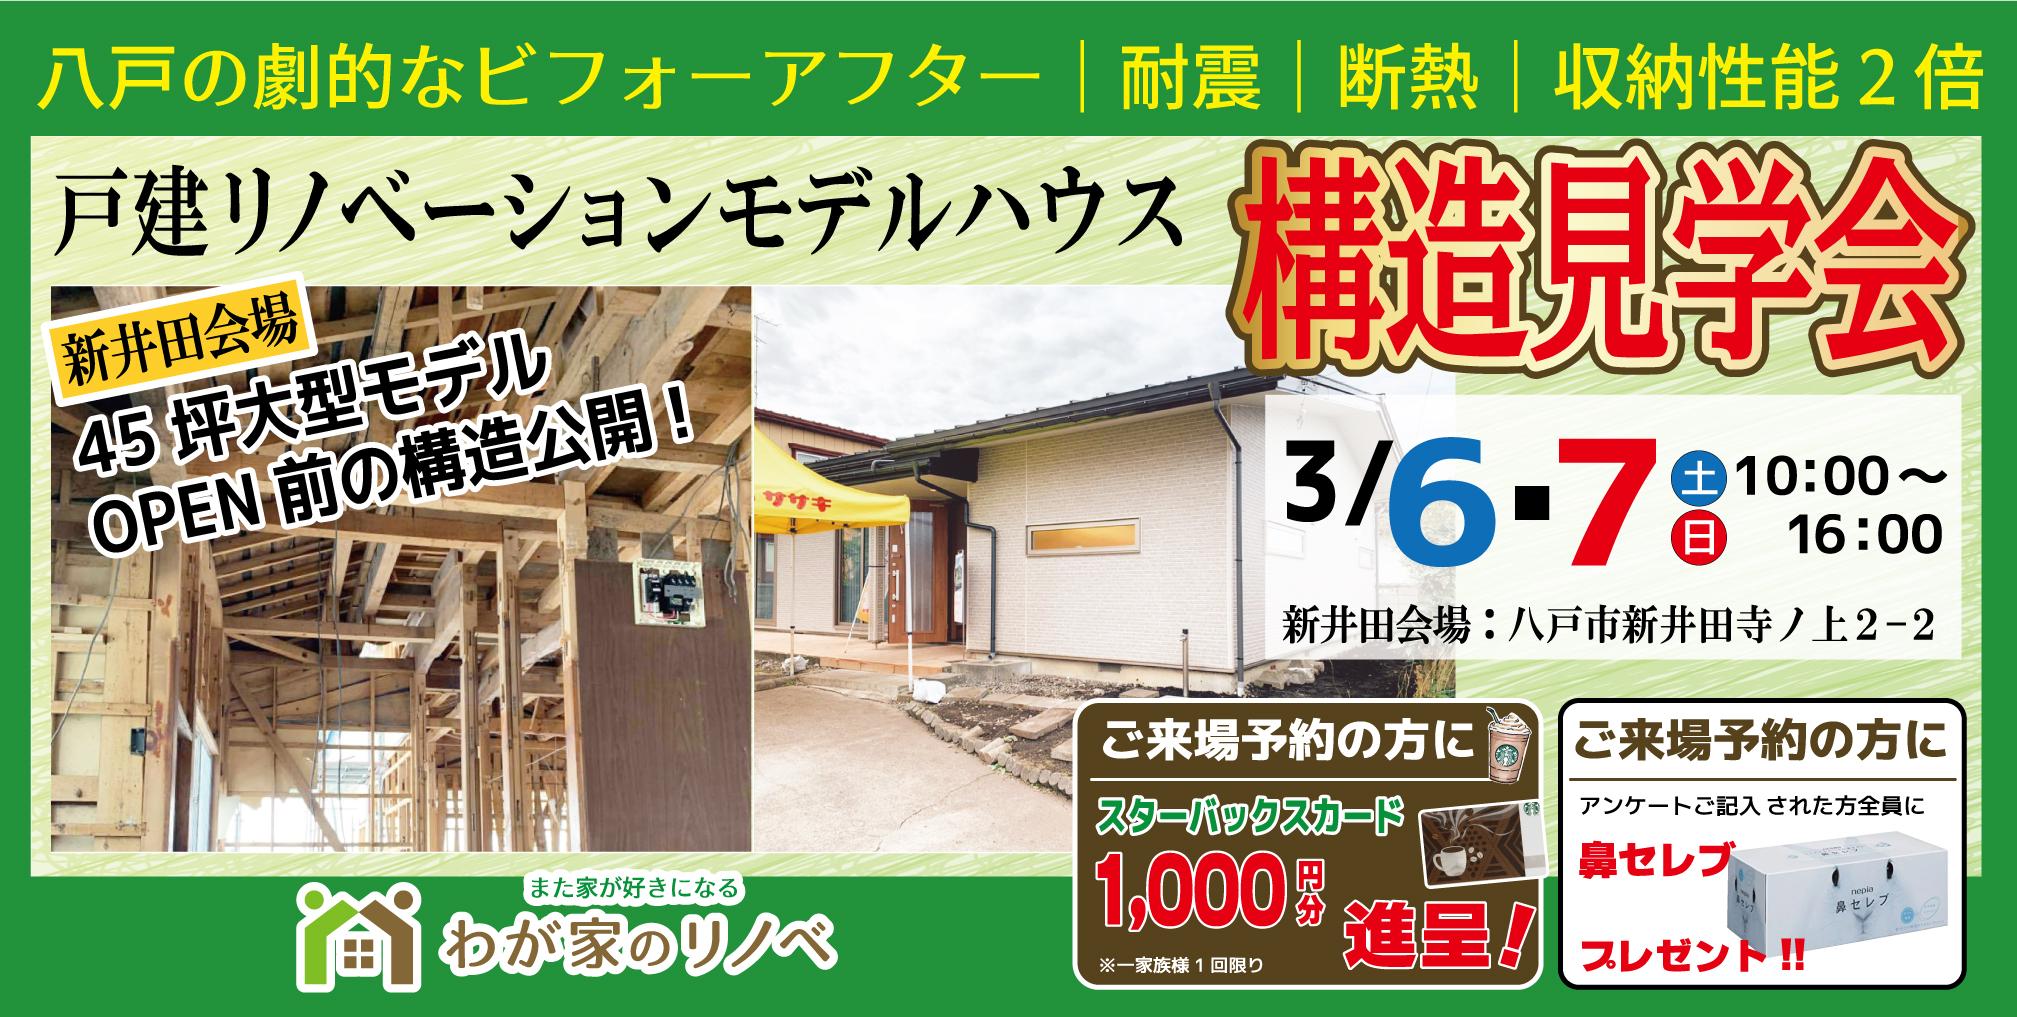 八戸市新井田 戸建て丸ごとリノベーション構造見学会 3月6日・7日限定開催決定!!